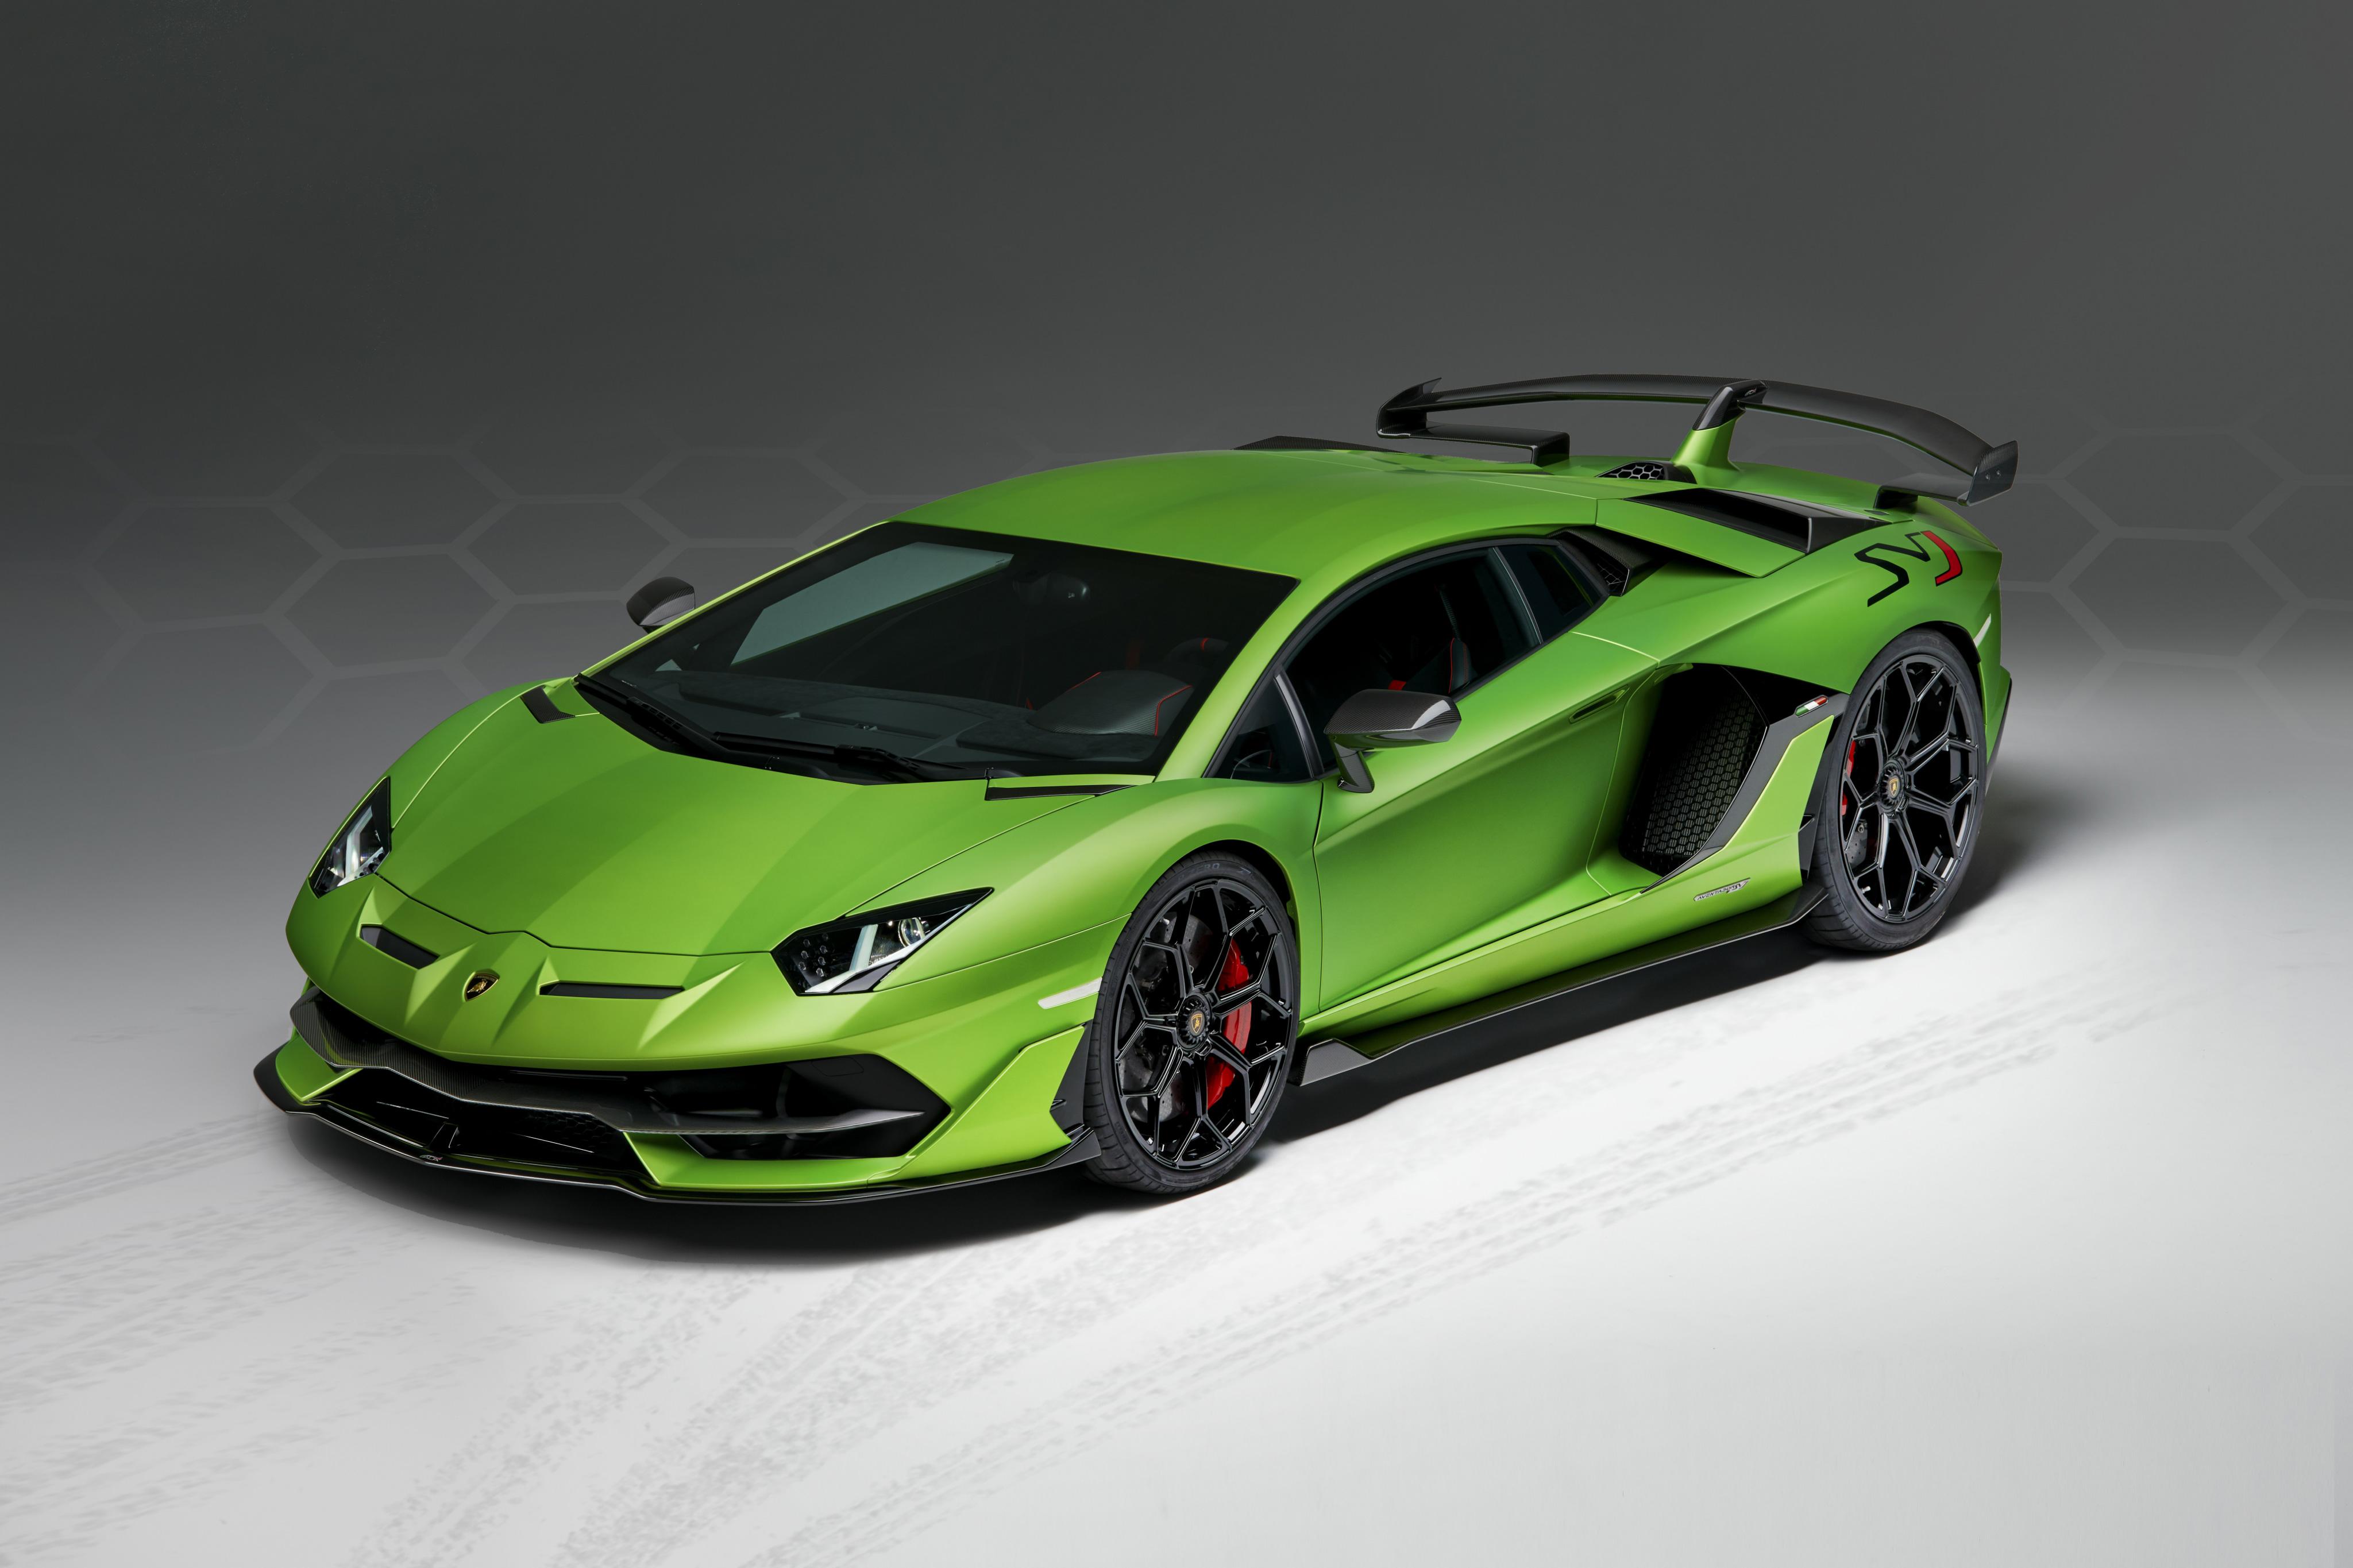 Lamborghini Aventador Green 4k Hd Cars 4k Wallpapers: 2018 Lamborghini Aventador SVJ, HD Cars, 4k Wallpapers